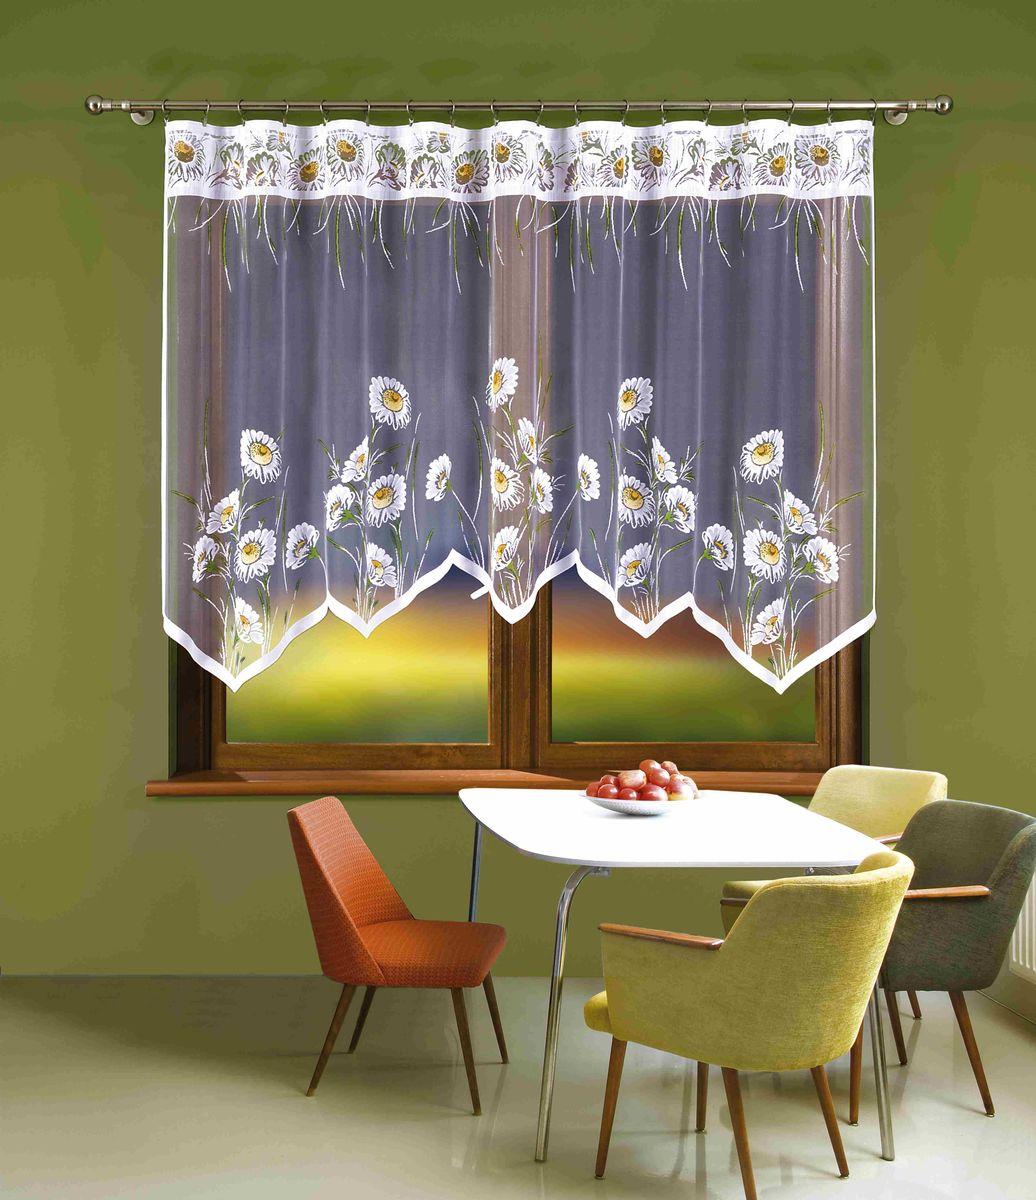 Гардина Wisan Klementynka, цвет: белый, зеленый, высота 140 см538АВоздушная гардина Wisan Klementynka, изготовленная из полиэстера, станет великолепным украшением любого окна. Оригинальный принт в виде цветочков и приятная цветовая гамма привлекут к себе внимание и органично впишутся в интерьер комнаты. Оригинальное оформление гардины внесет разнообразие и подарит заряд положительного настроения.Верхняя часть гардины не оснащена креплениями.